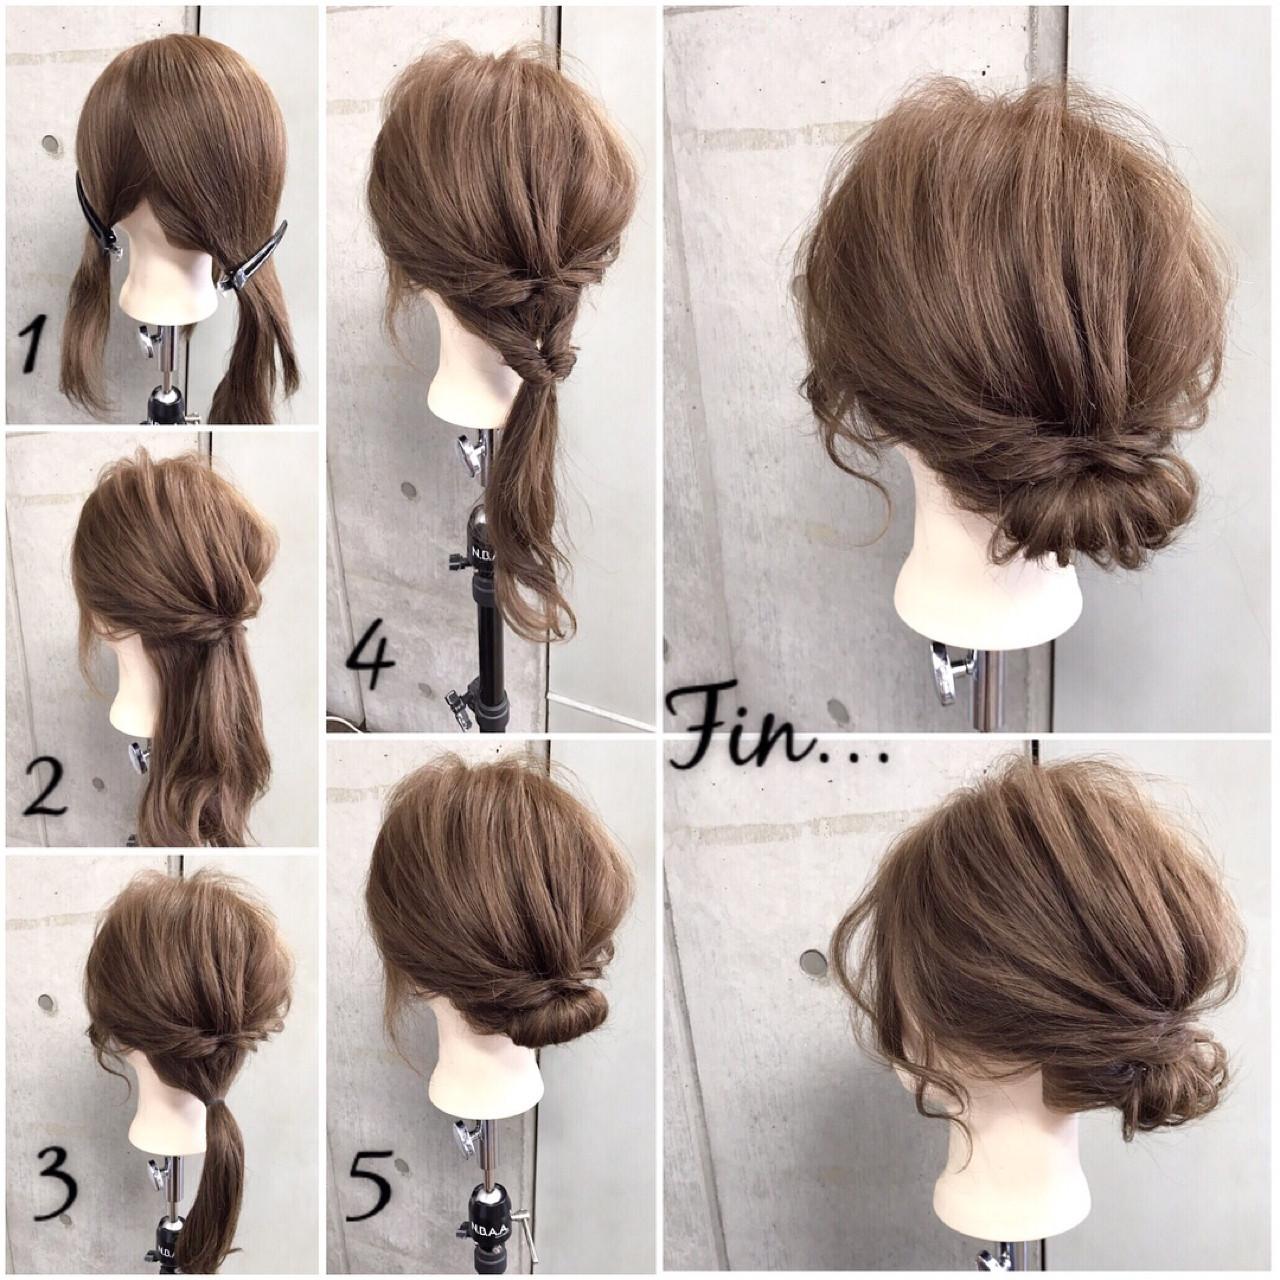 和装 簡単 セミロング ギブソンタック ヘアスタイルや髪型の写真・画像